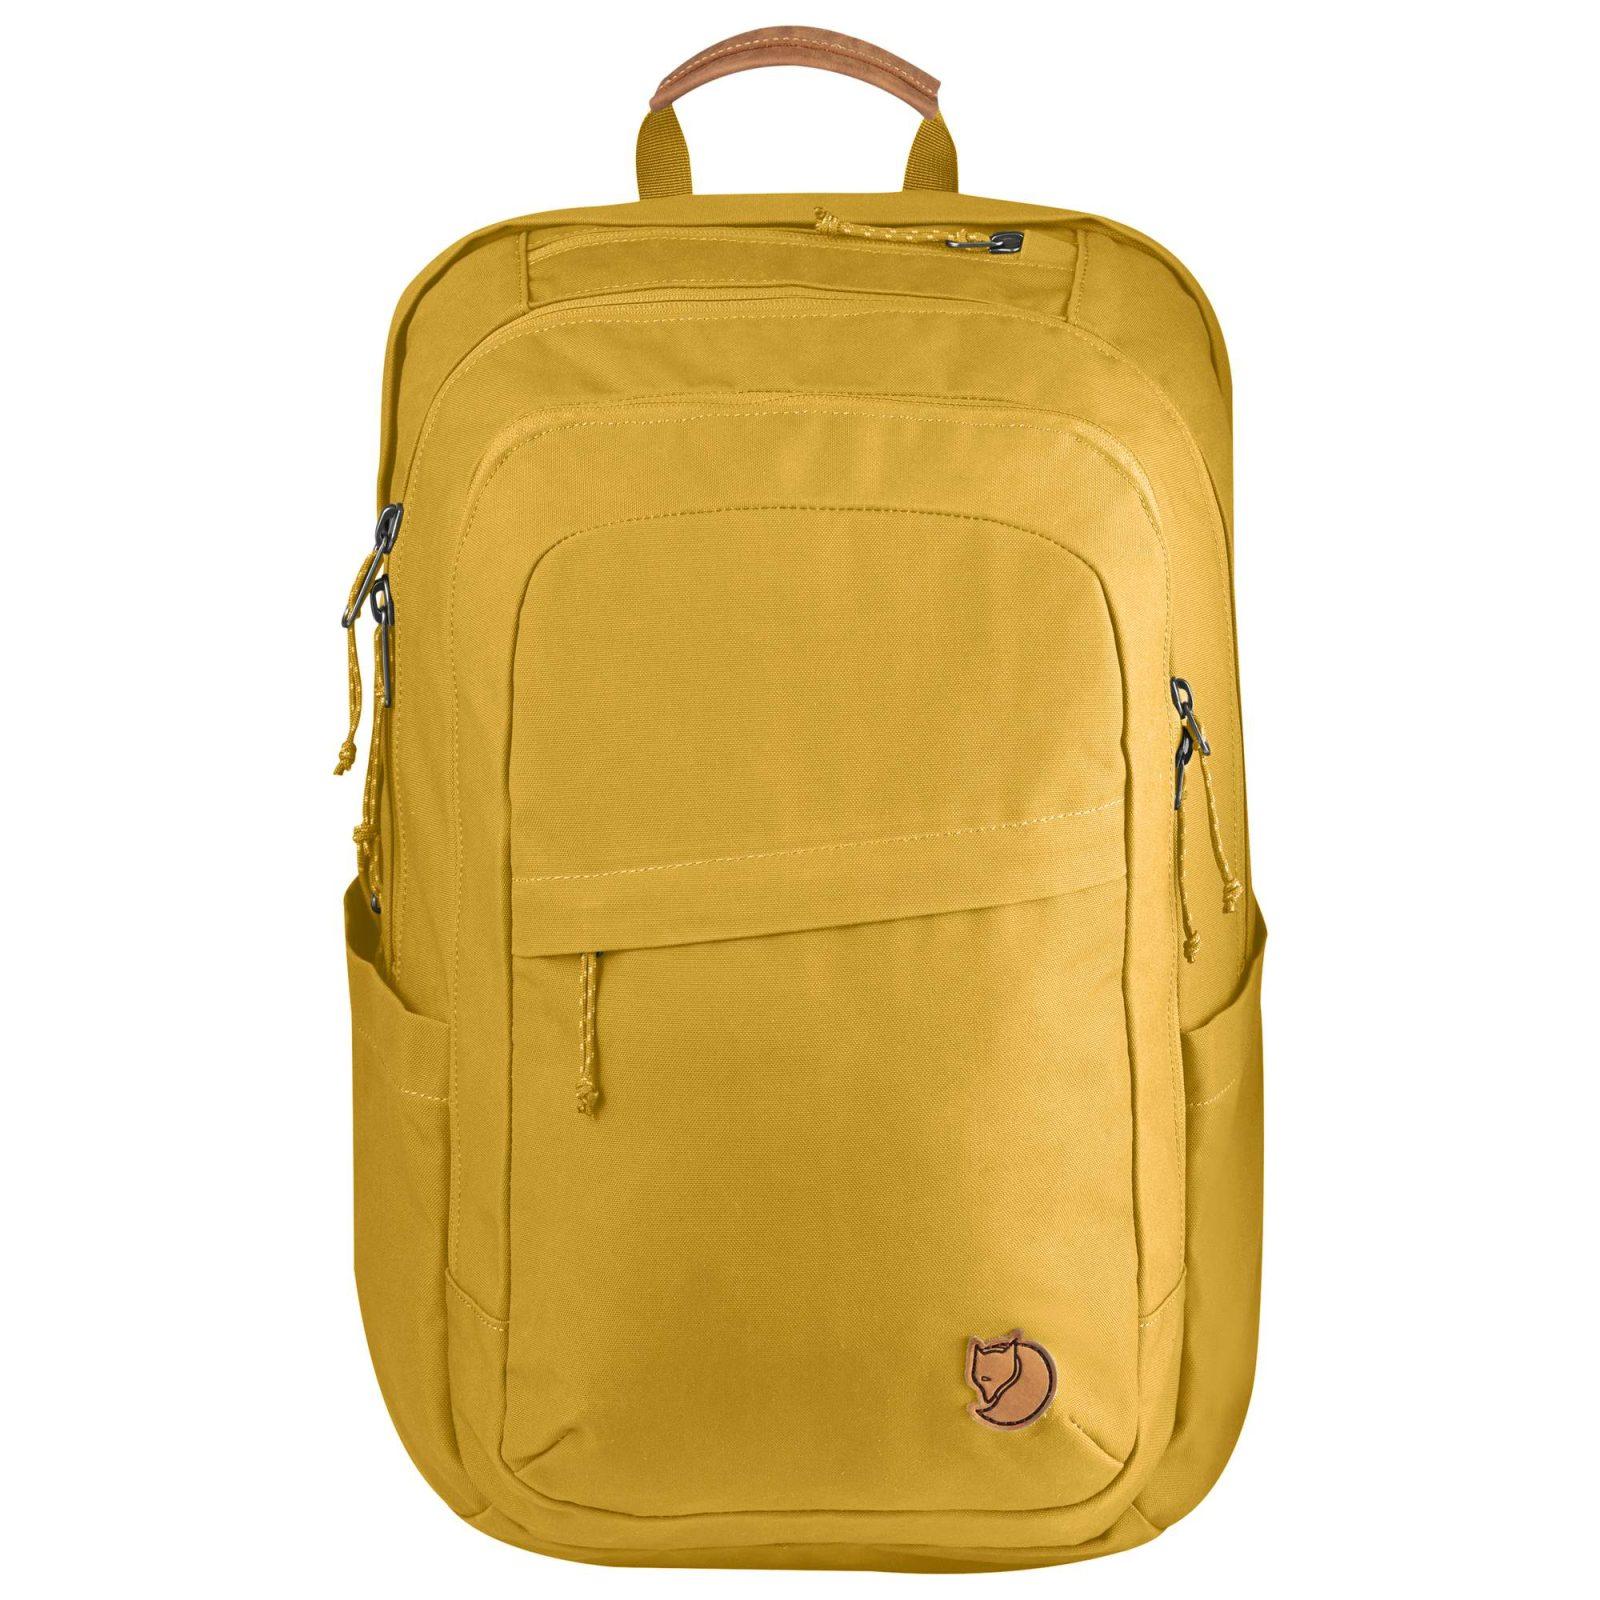 079d1fbea23 Nieuwe schooltas nodig? Kies voor hip én verantwoord - OneWorld